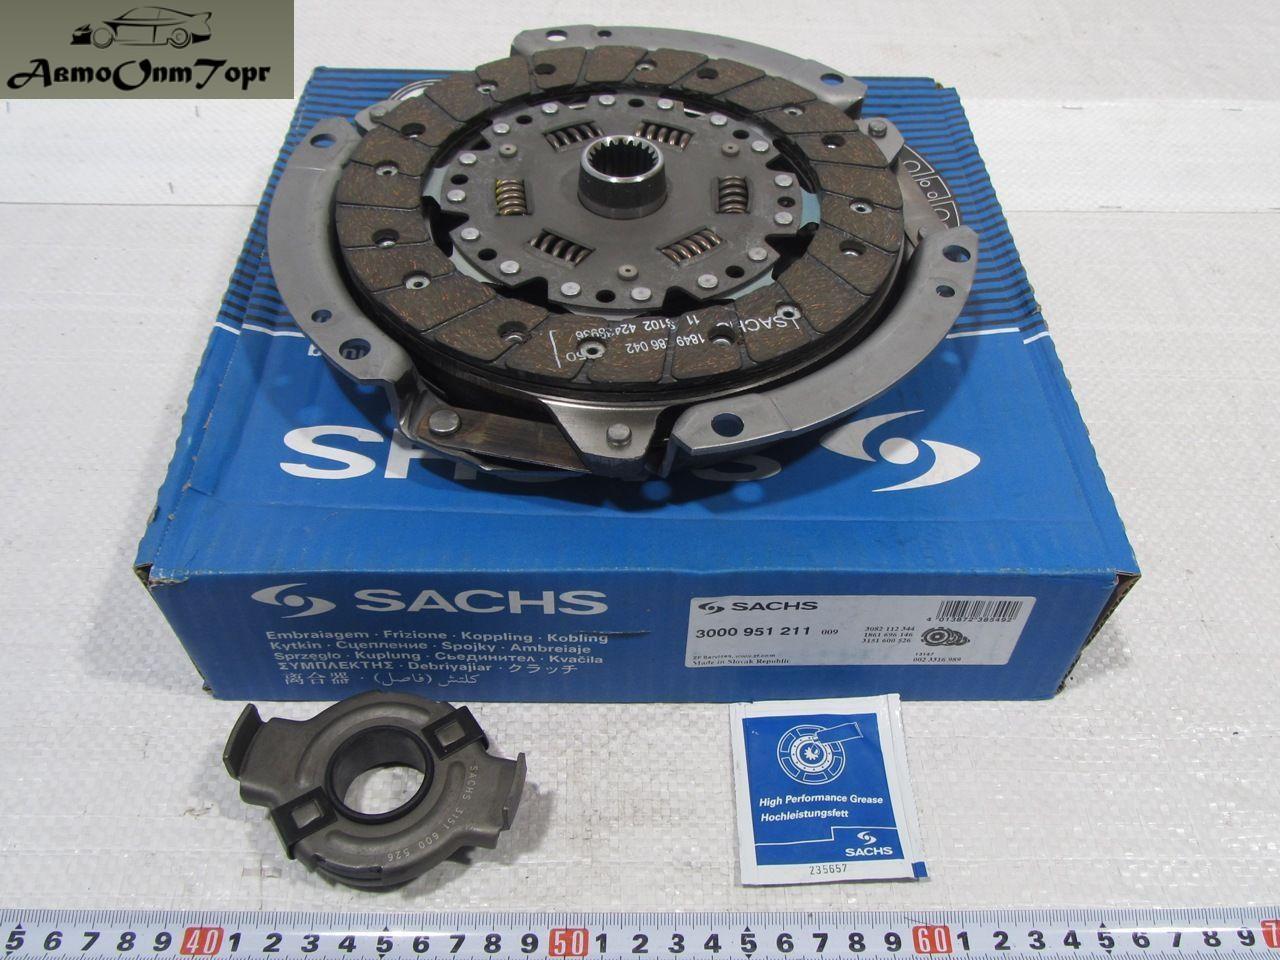 Набір зчеплення ВАЗ 2108, 2109, 21099, диск, корзина зчеплення, вижимний підшипник Sachs 3000-951-211